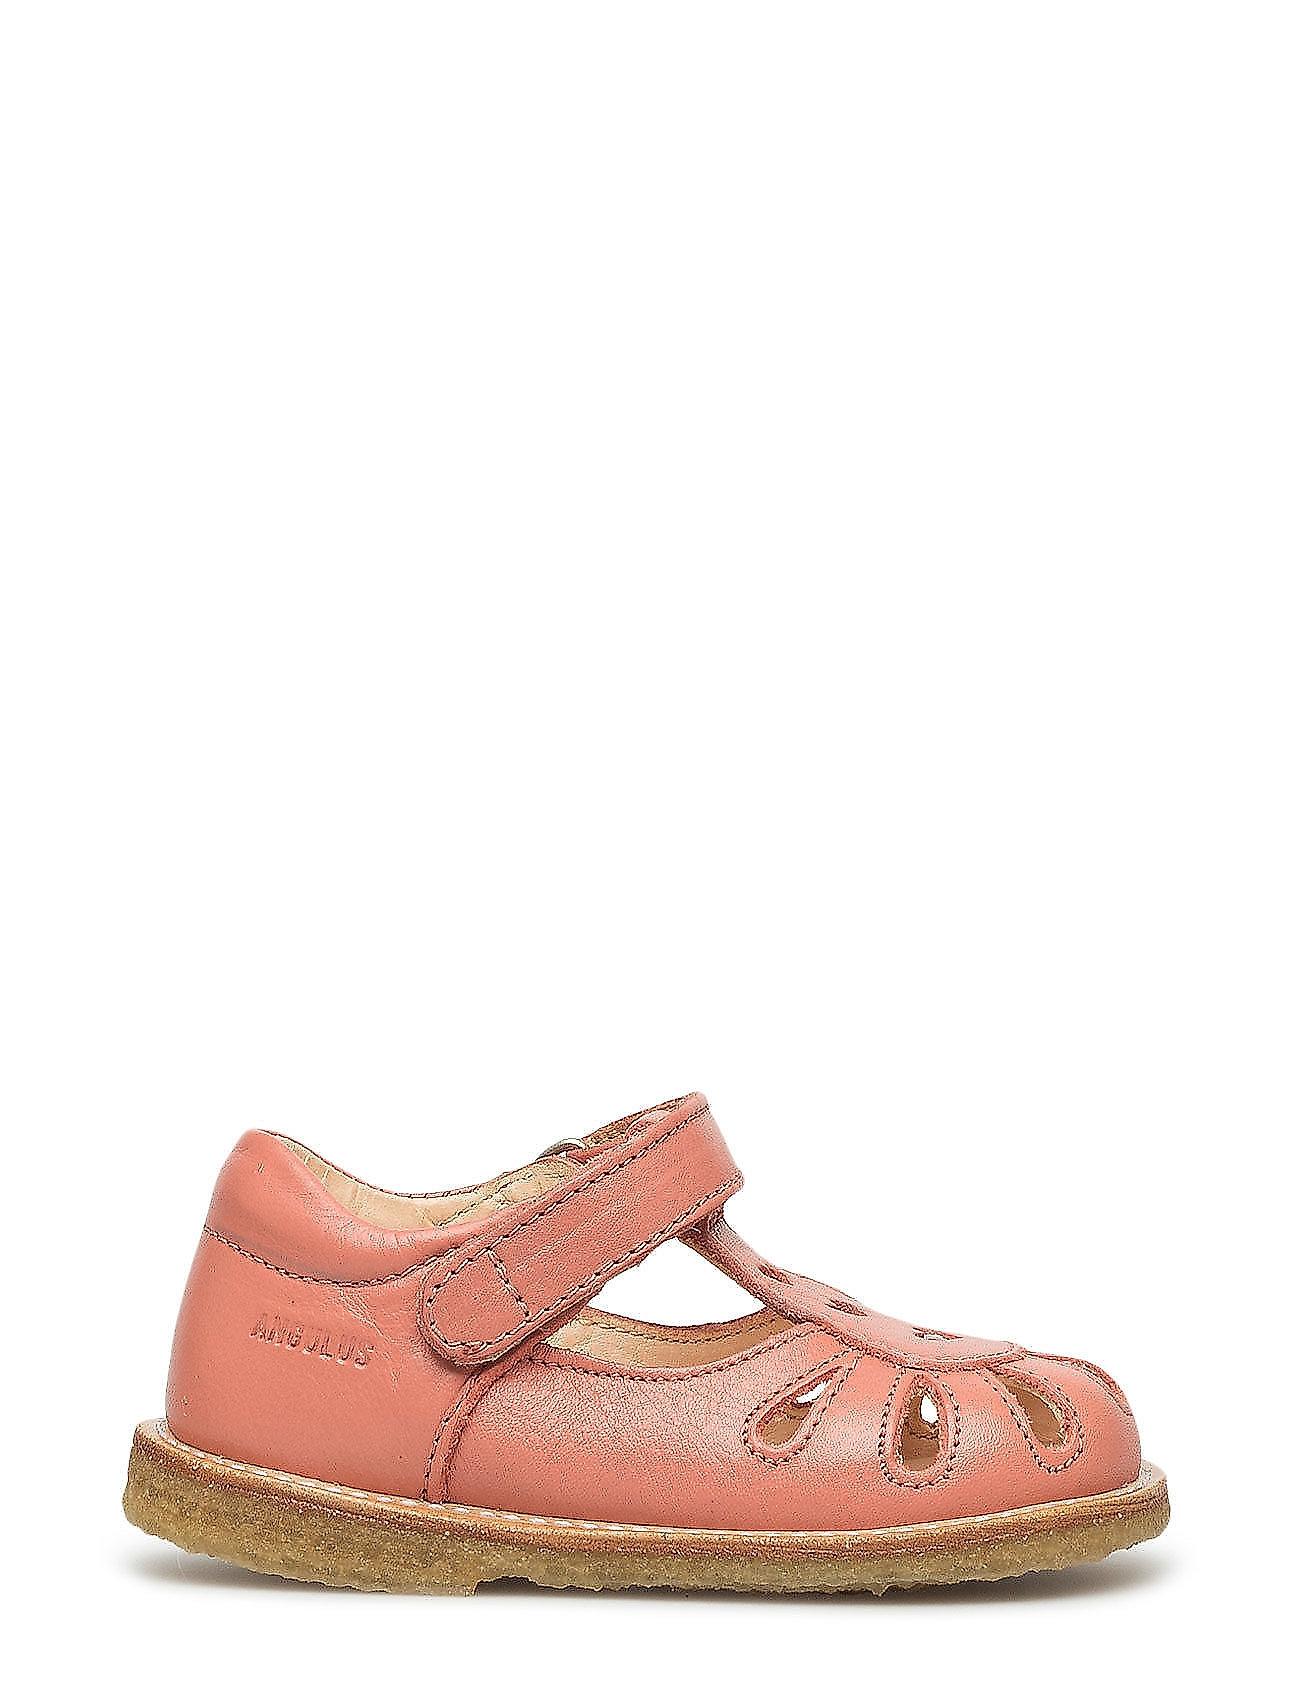 429e0668b45 ANGULUS sandaler – Sandals - Flat til børn i 1325 CHAMPAGNE - Pashion.dk